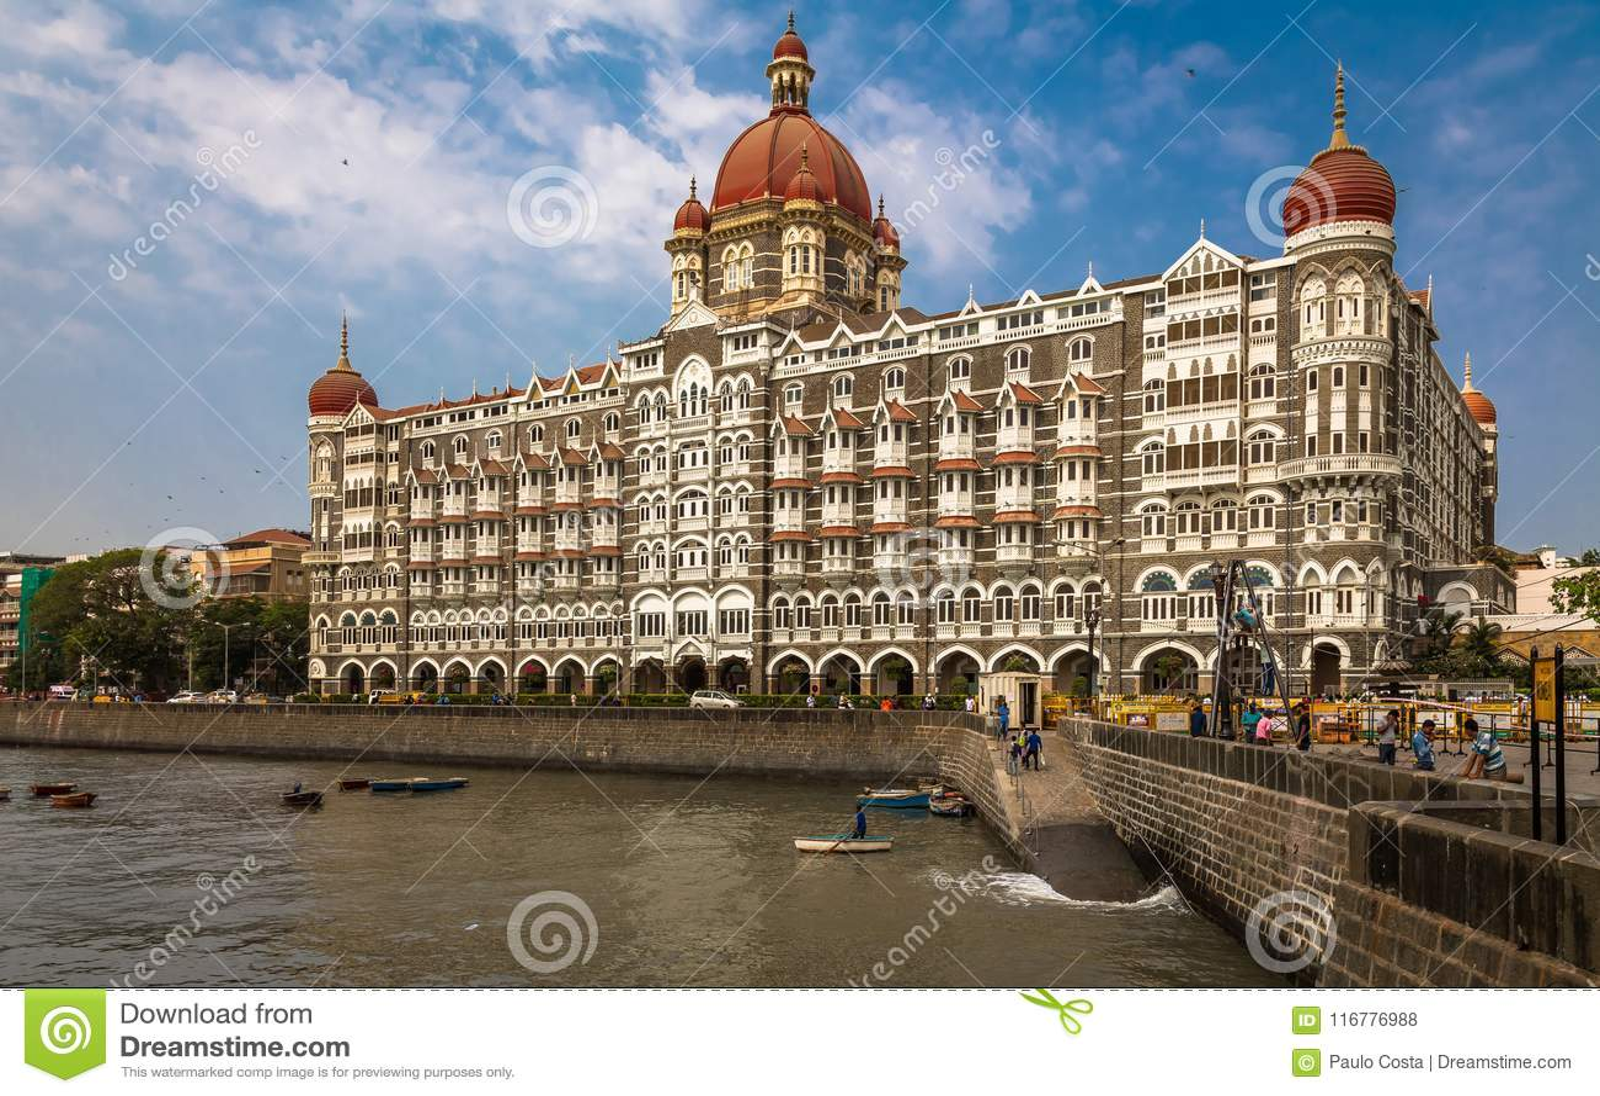 Дворец Тадж-Махала, Мумбай